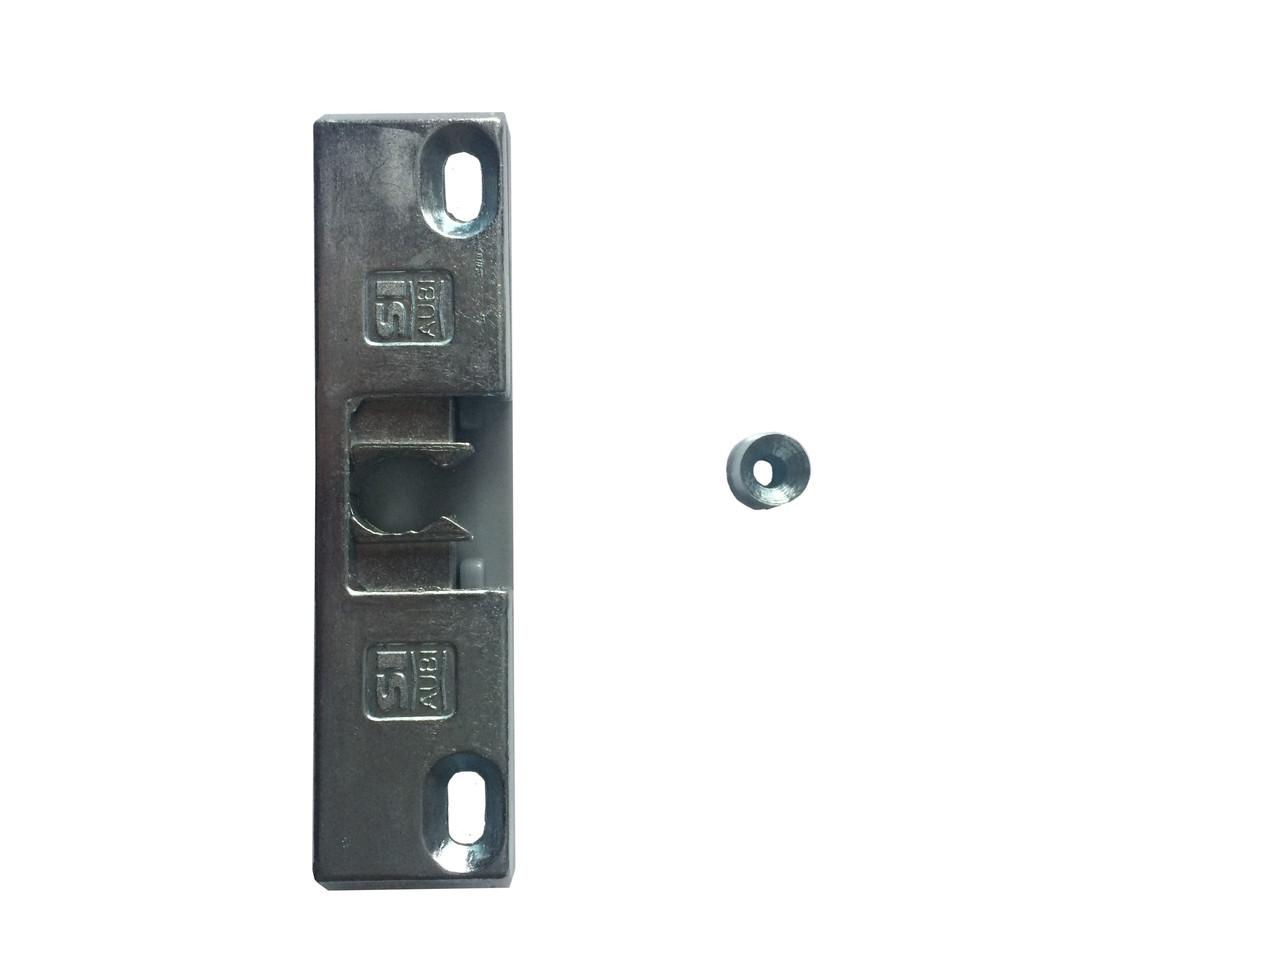 Балконная защелка на металлопластиковую дверь Siegenia (Зигения) 13 система одностворчатая дверь